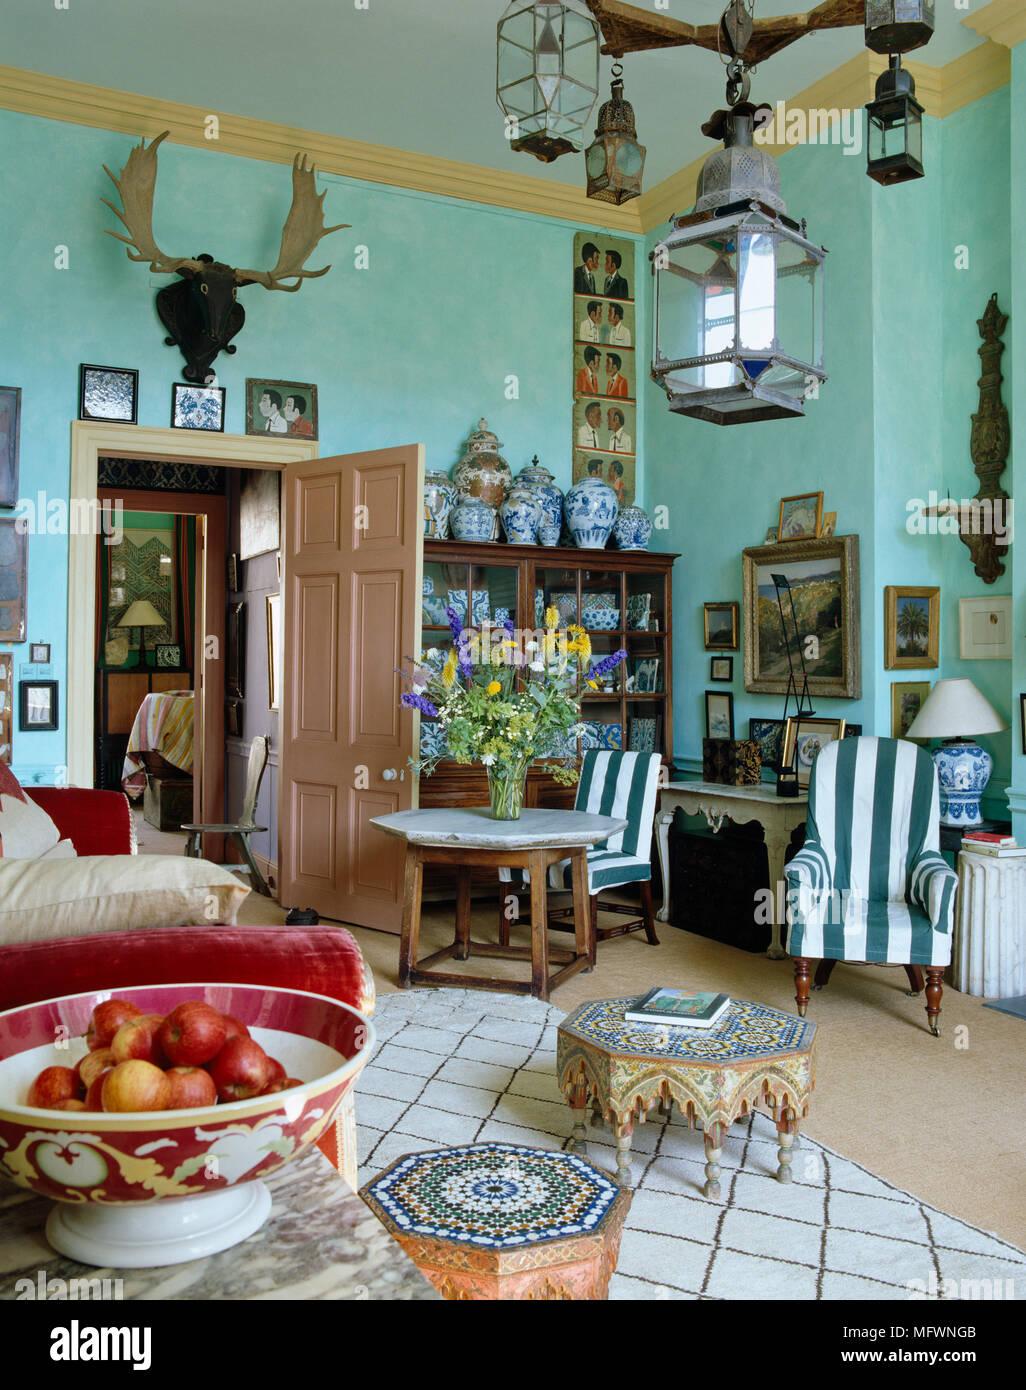 Un eclettico mix di arredamento in paese ingombra blu in for Arredamento stile eclettico